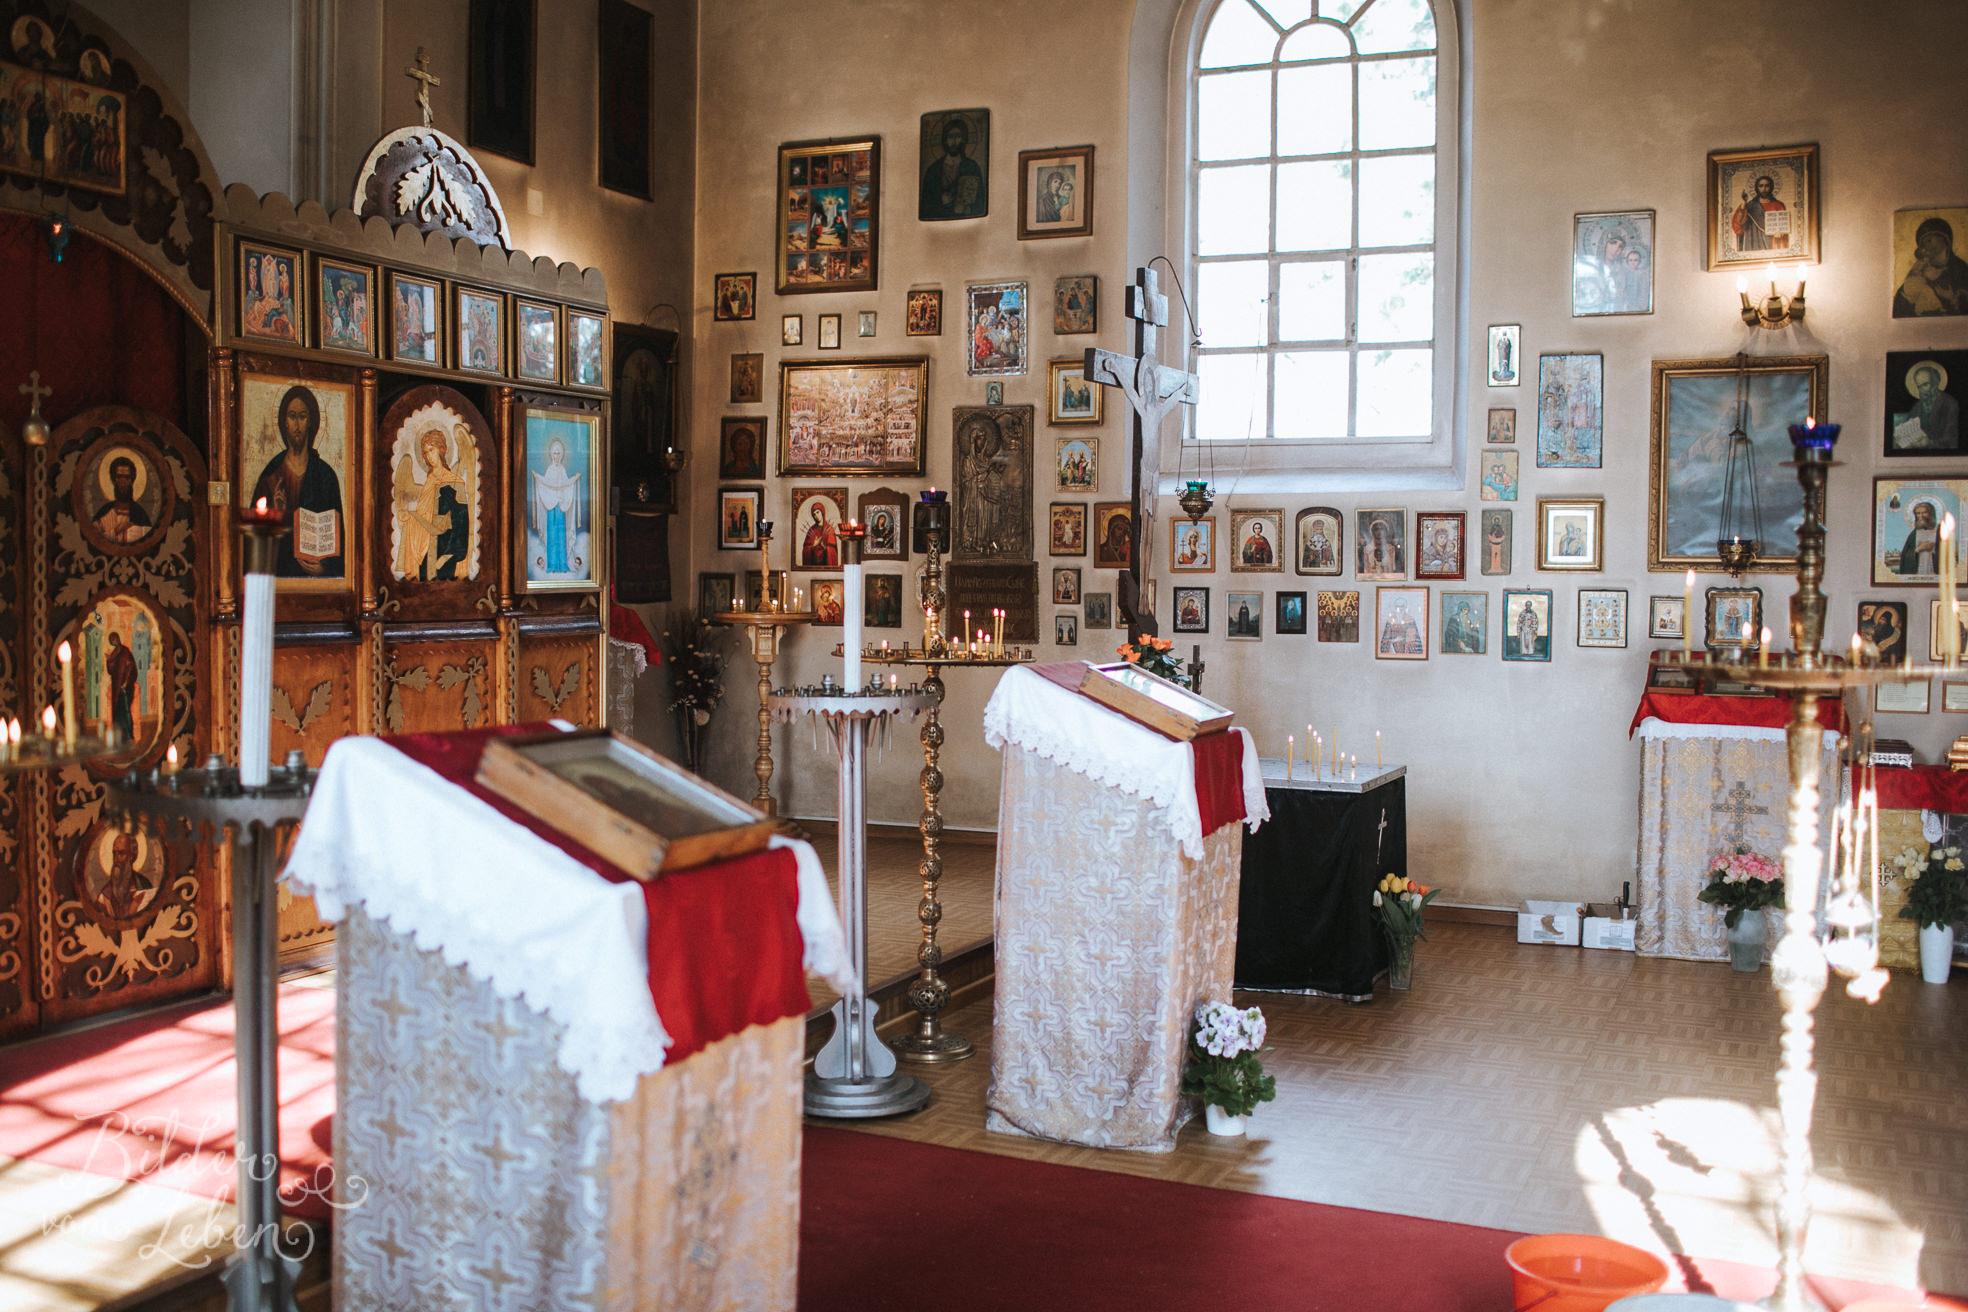 83-Russisch-orthodoxe-taufe-regensburg-mila-IM3C5014